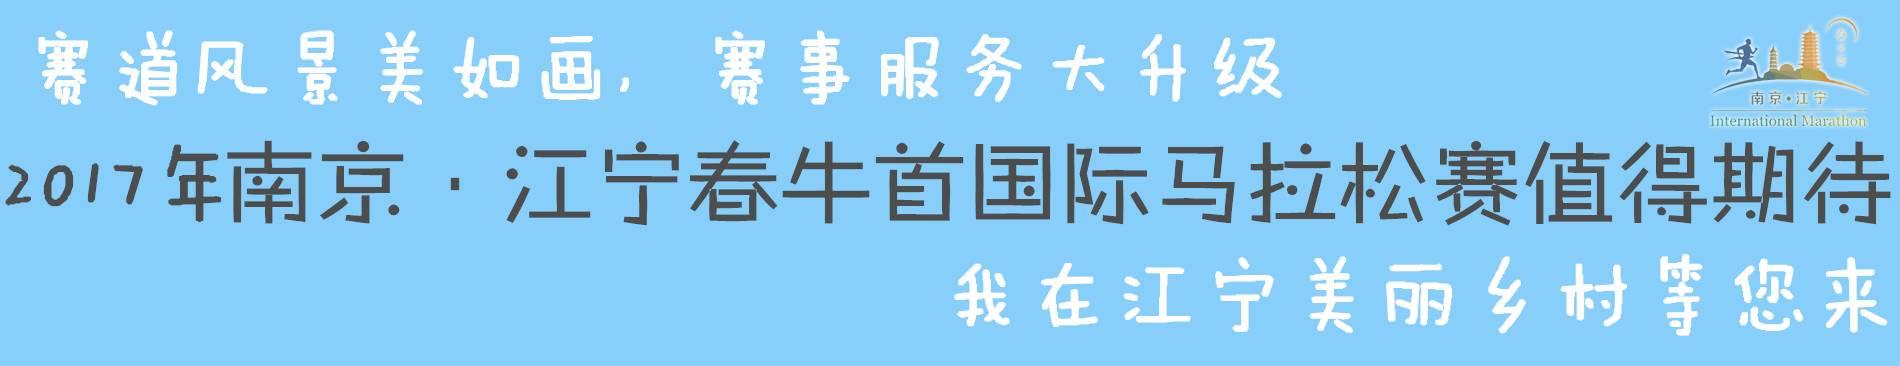 """春马等你来  12月19日900,2017南京·江宁春牛首国"""""""